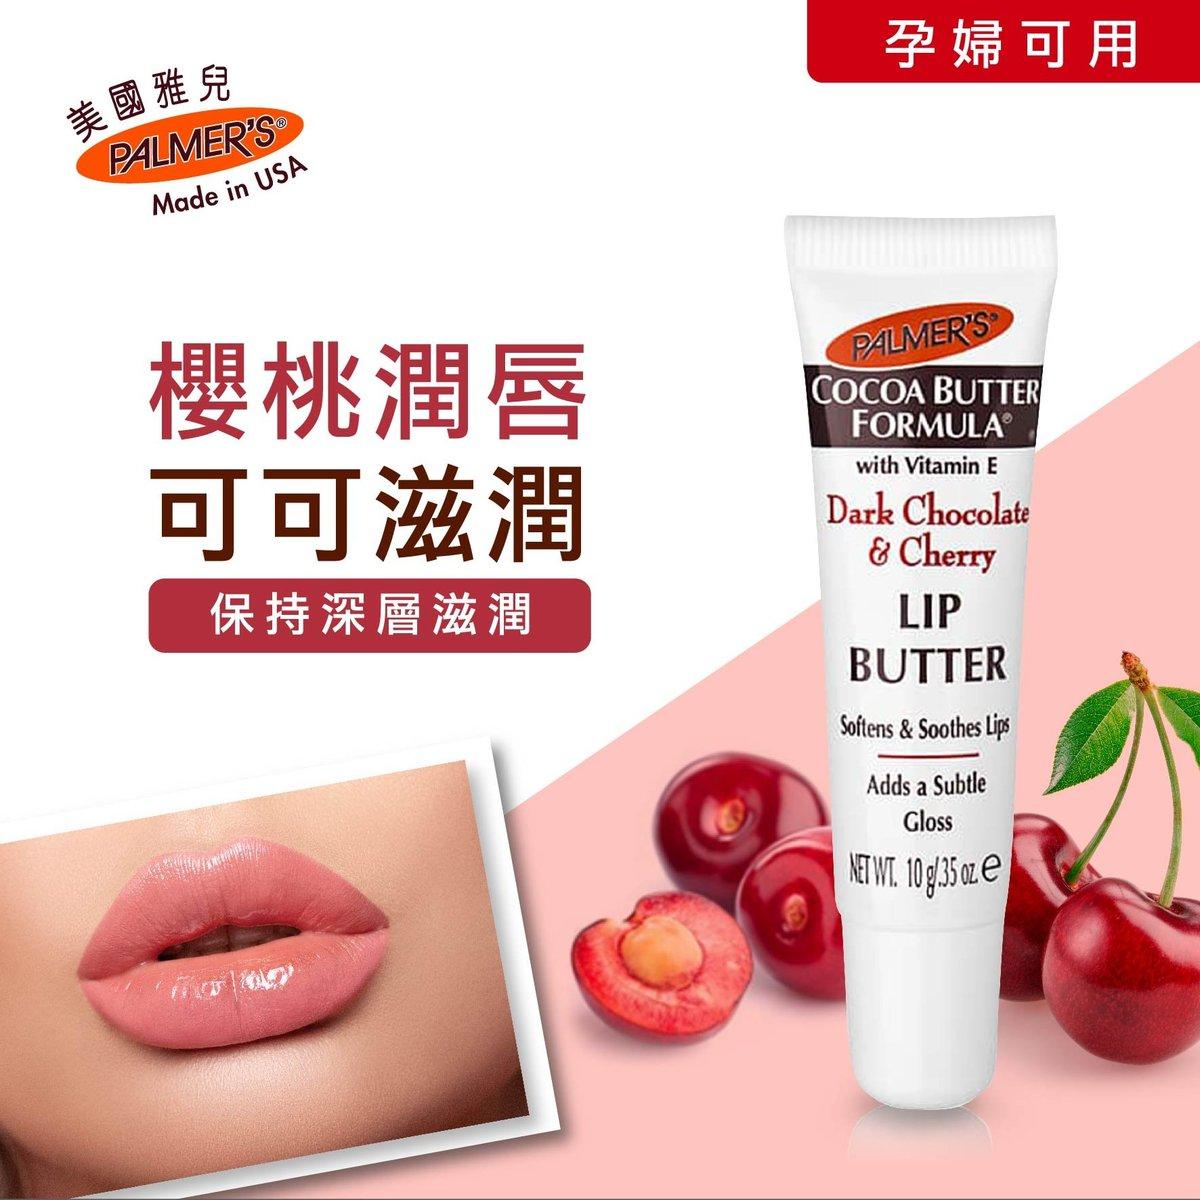 櫻桃朱古力護唇寶 10g - Palmer's Dark Chocolate & Cherry Lip Butter - 帕瑪氏 - 香港正行正貨